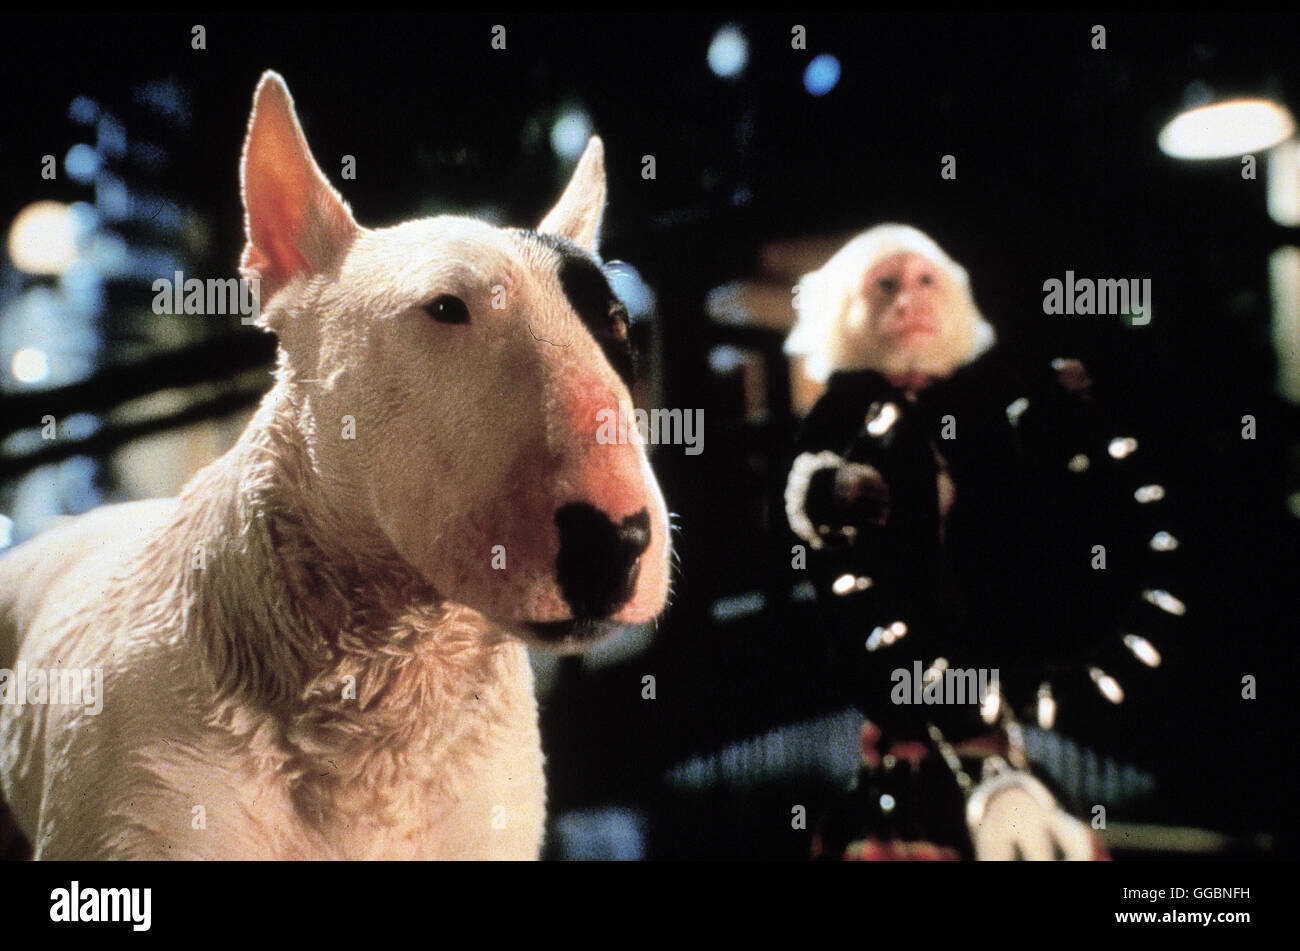 SCHWEINCHEN BABE IN DER GROSSEN STADT / Babe: Pig In The City Australien 1998 / George Miller Babe fährt in die grosse Stadt, um den Bauernhof vor dem drohenden Ruin zu retten. Auf der Reise trifft Schweinchen Babe eine erstaunliche Vielfalt neuer Tiere. Babe lernt aus seinen gefährlichen Abenteuern, vom bissigen Pittbull bis zum Tierversuchslabor, wie ein freundliches und unerschütterliches Herz die Sorgen der Welt lindern kann. Regie: George Miller aka. Babe: Pig In The City Stock Photo